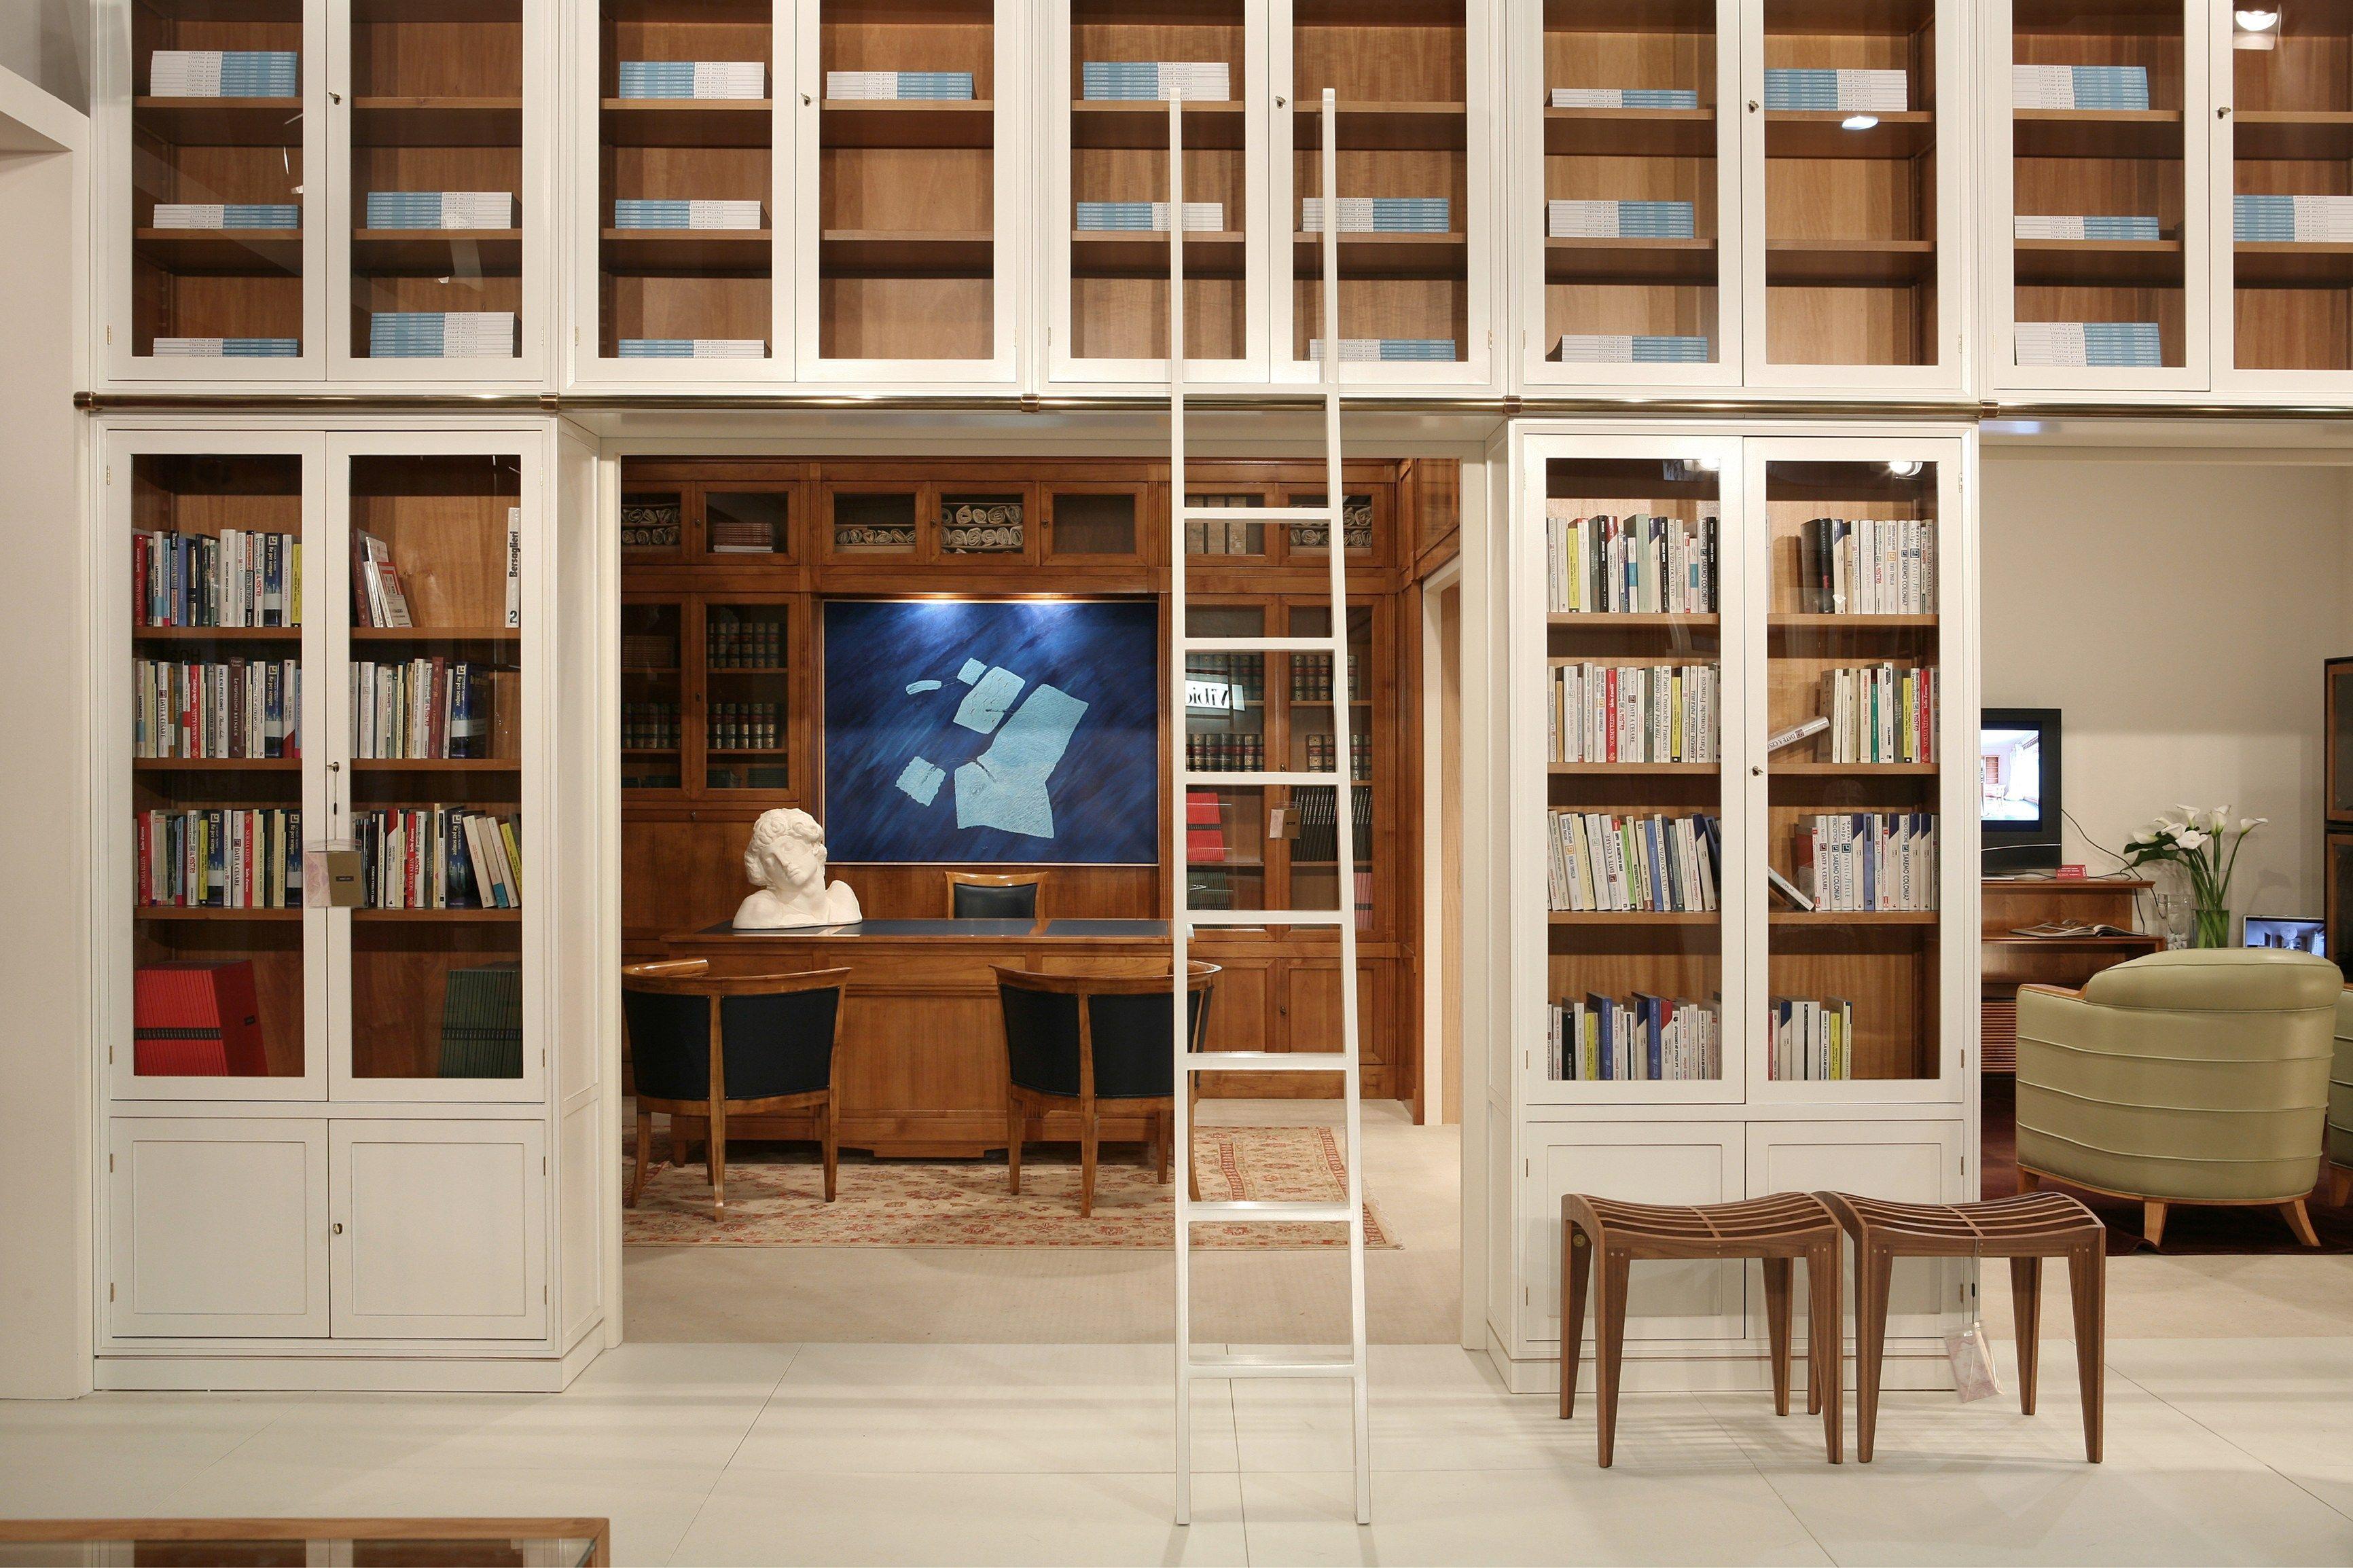 Modulo 39 900 libreria modulare by morelato design centro for Morelato librerie